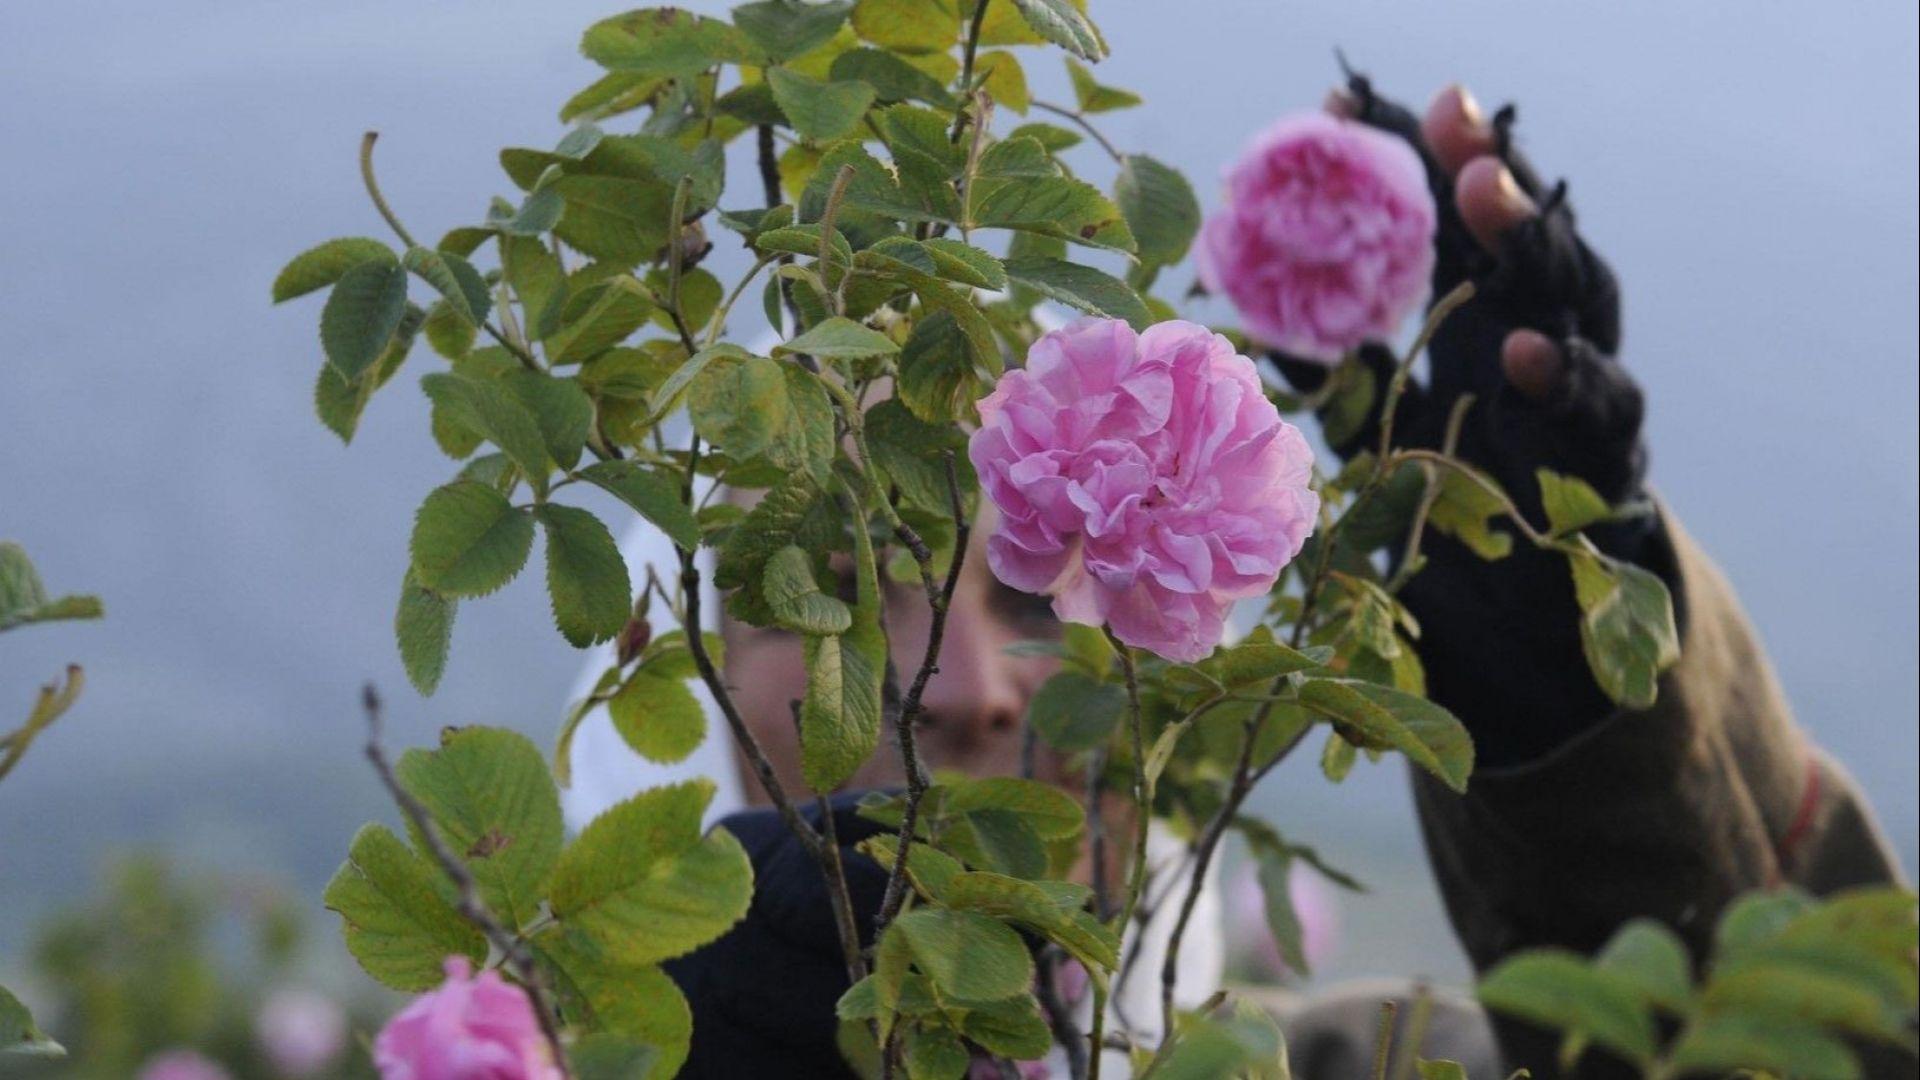 Розопроизводители унищожават насажденията си